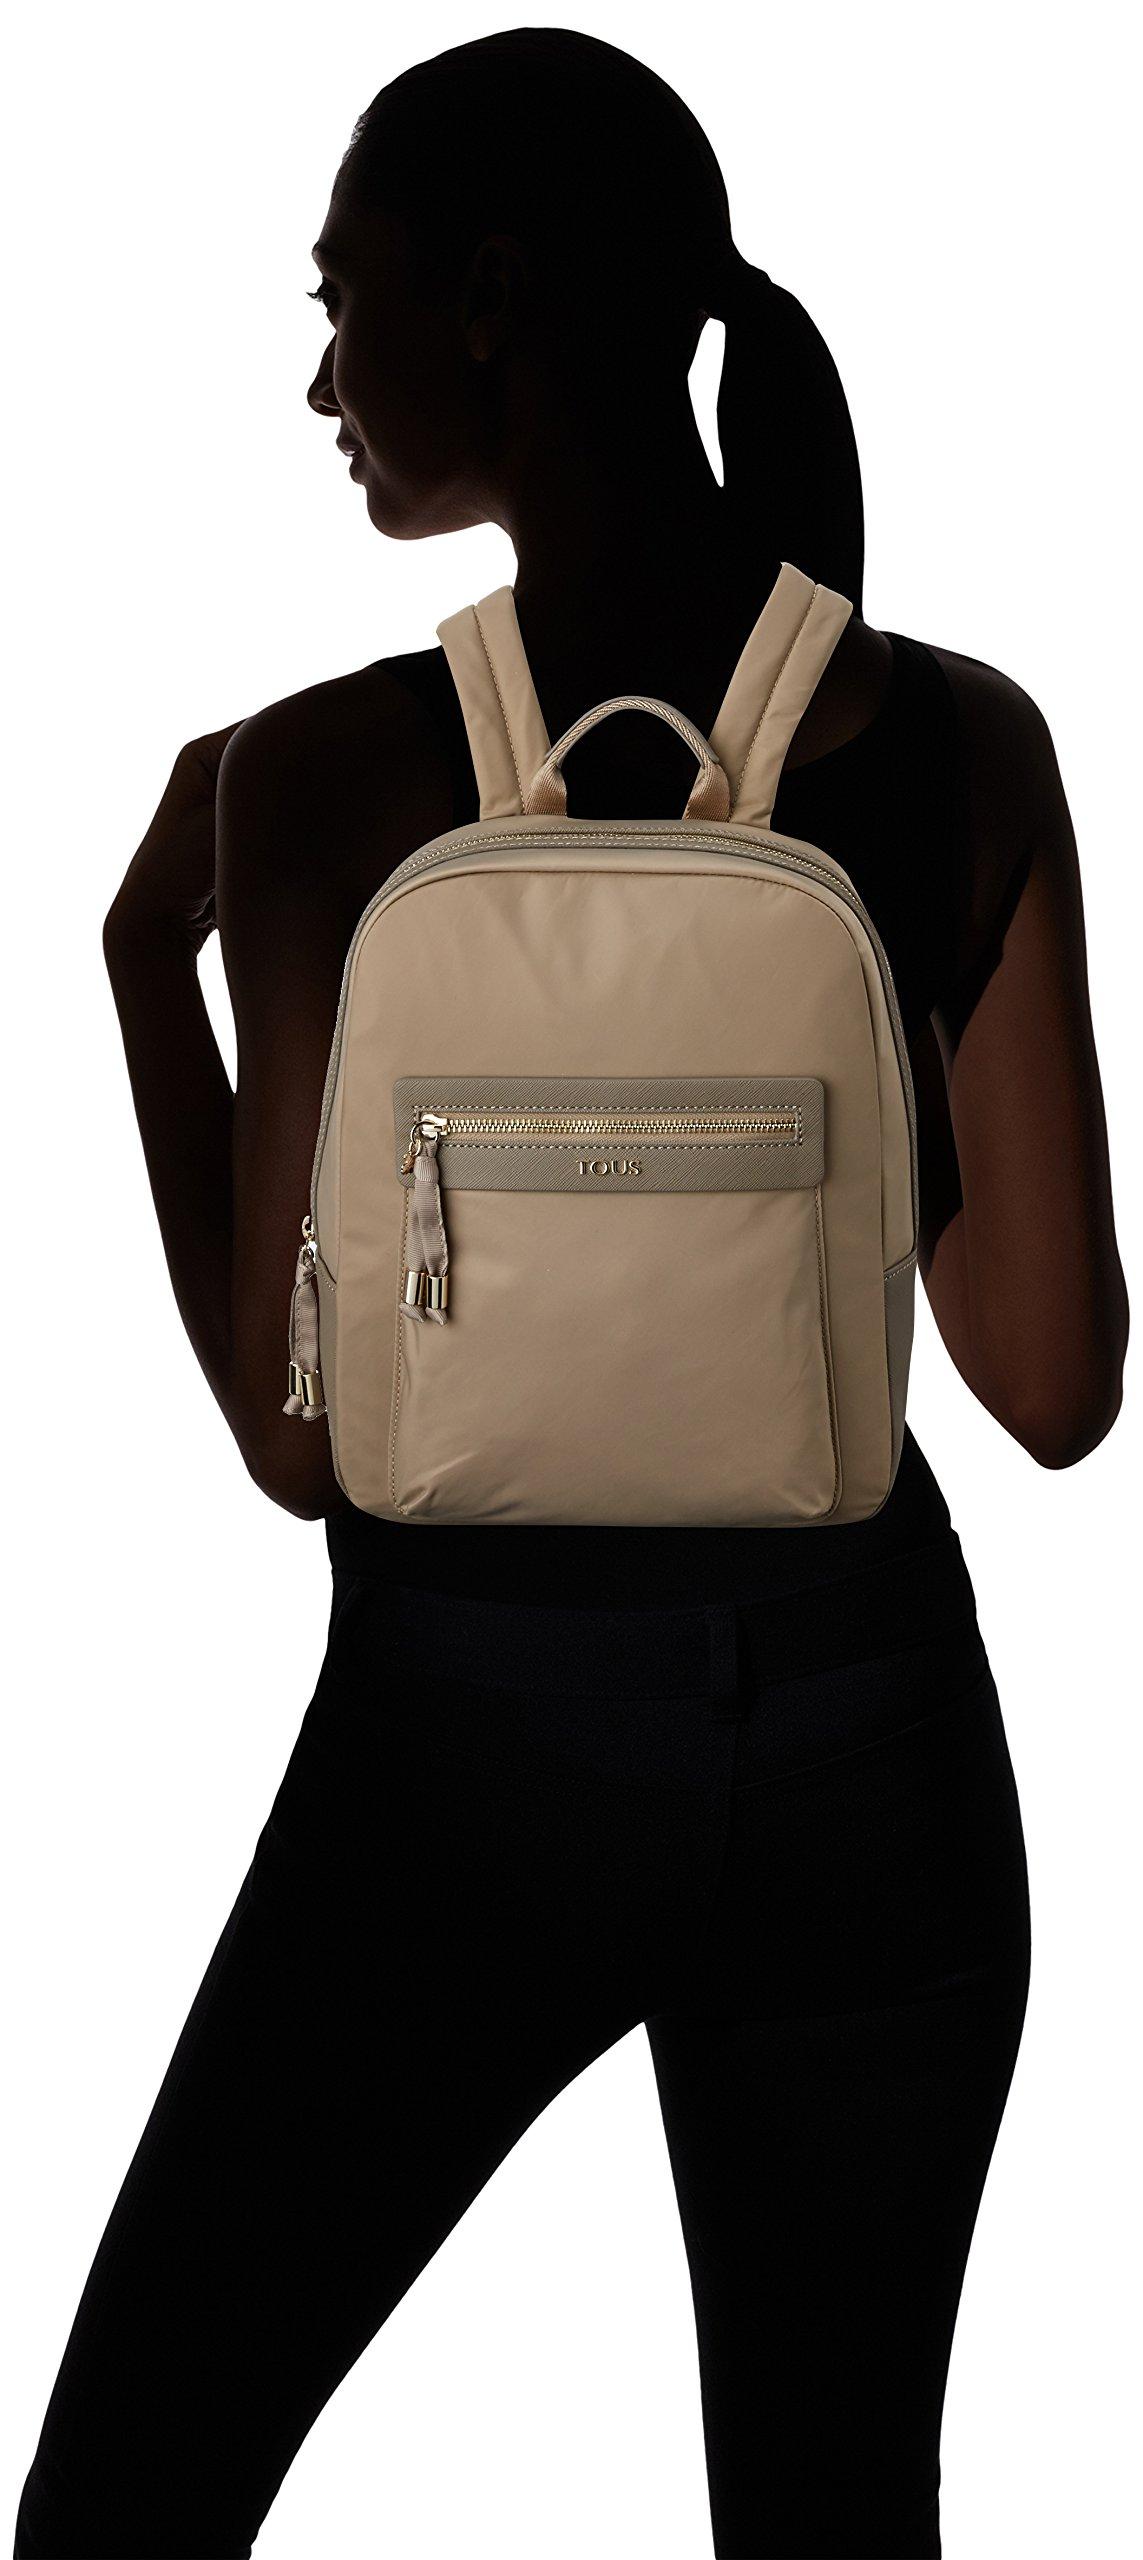 71ypxCn3gWL - Tous 695810088, Bolso mochila para Mujer, Beige (Topo), 26x33x9.5 cm (W x H x L)